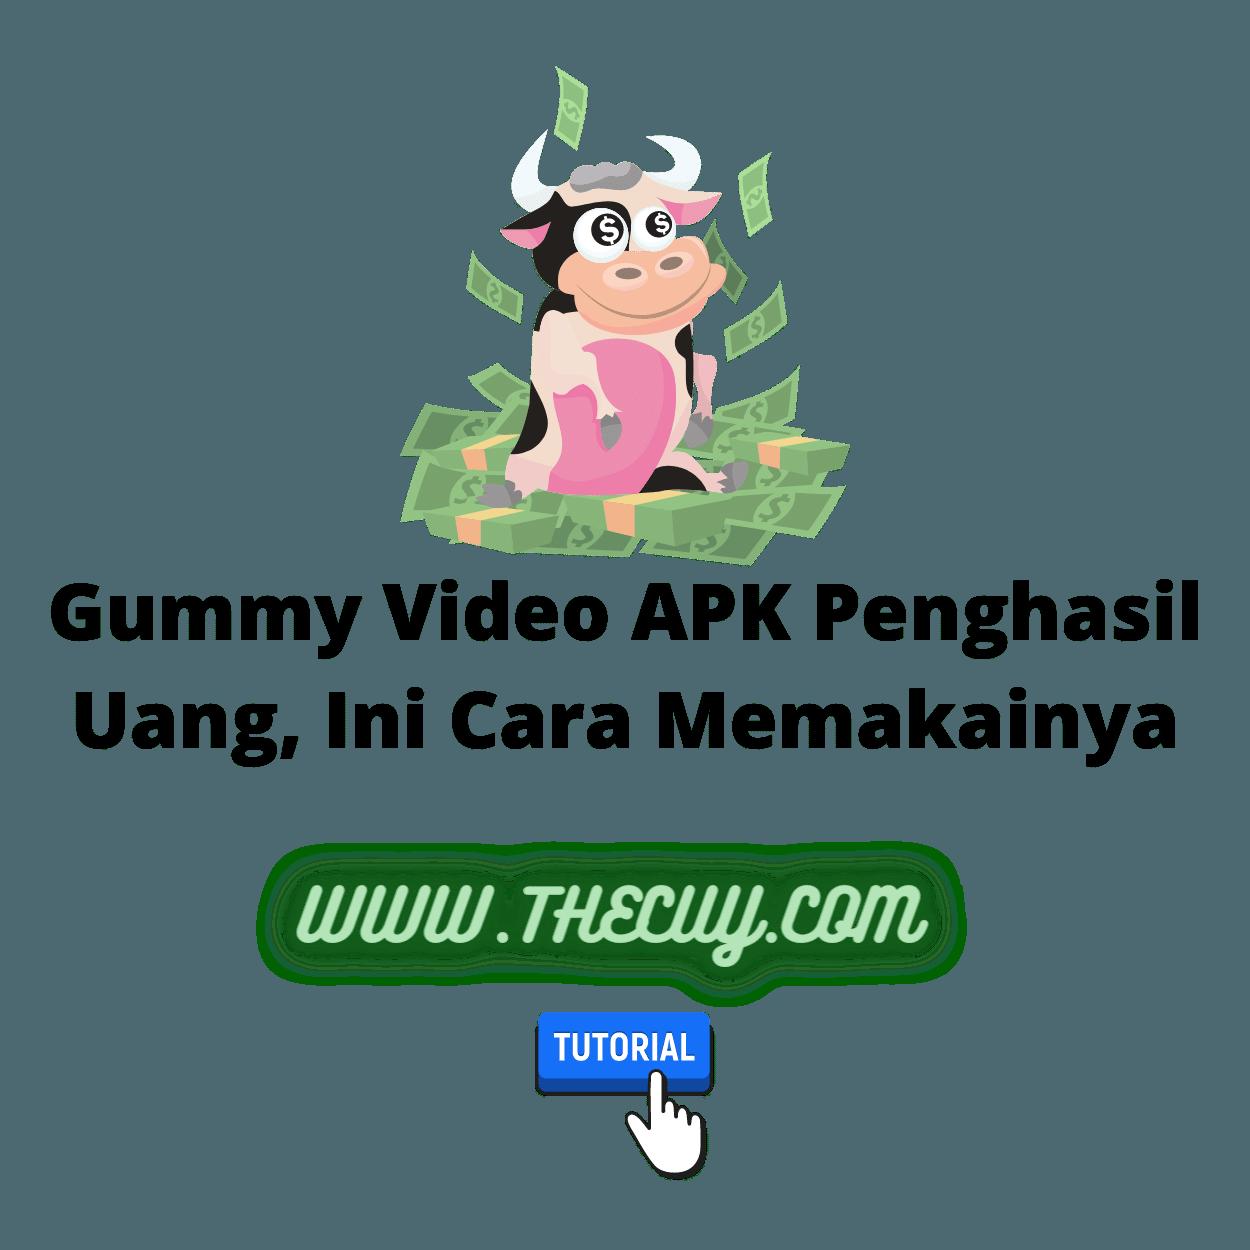 Gummy Video APK Penghasil Uang, Ini Cara Memakainya